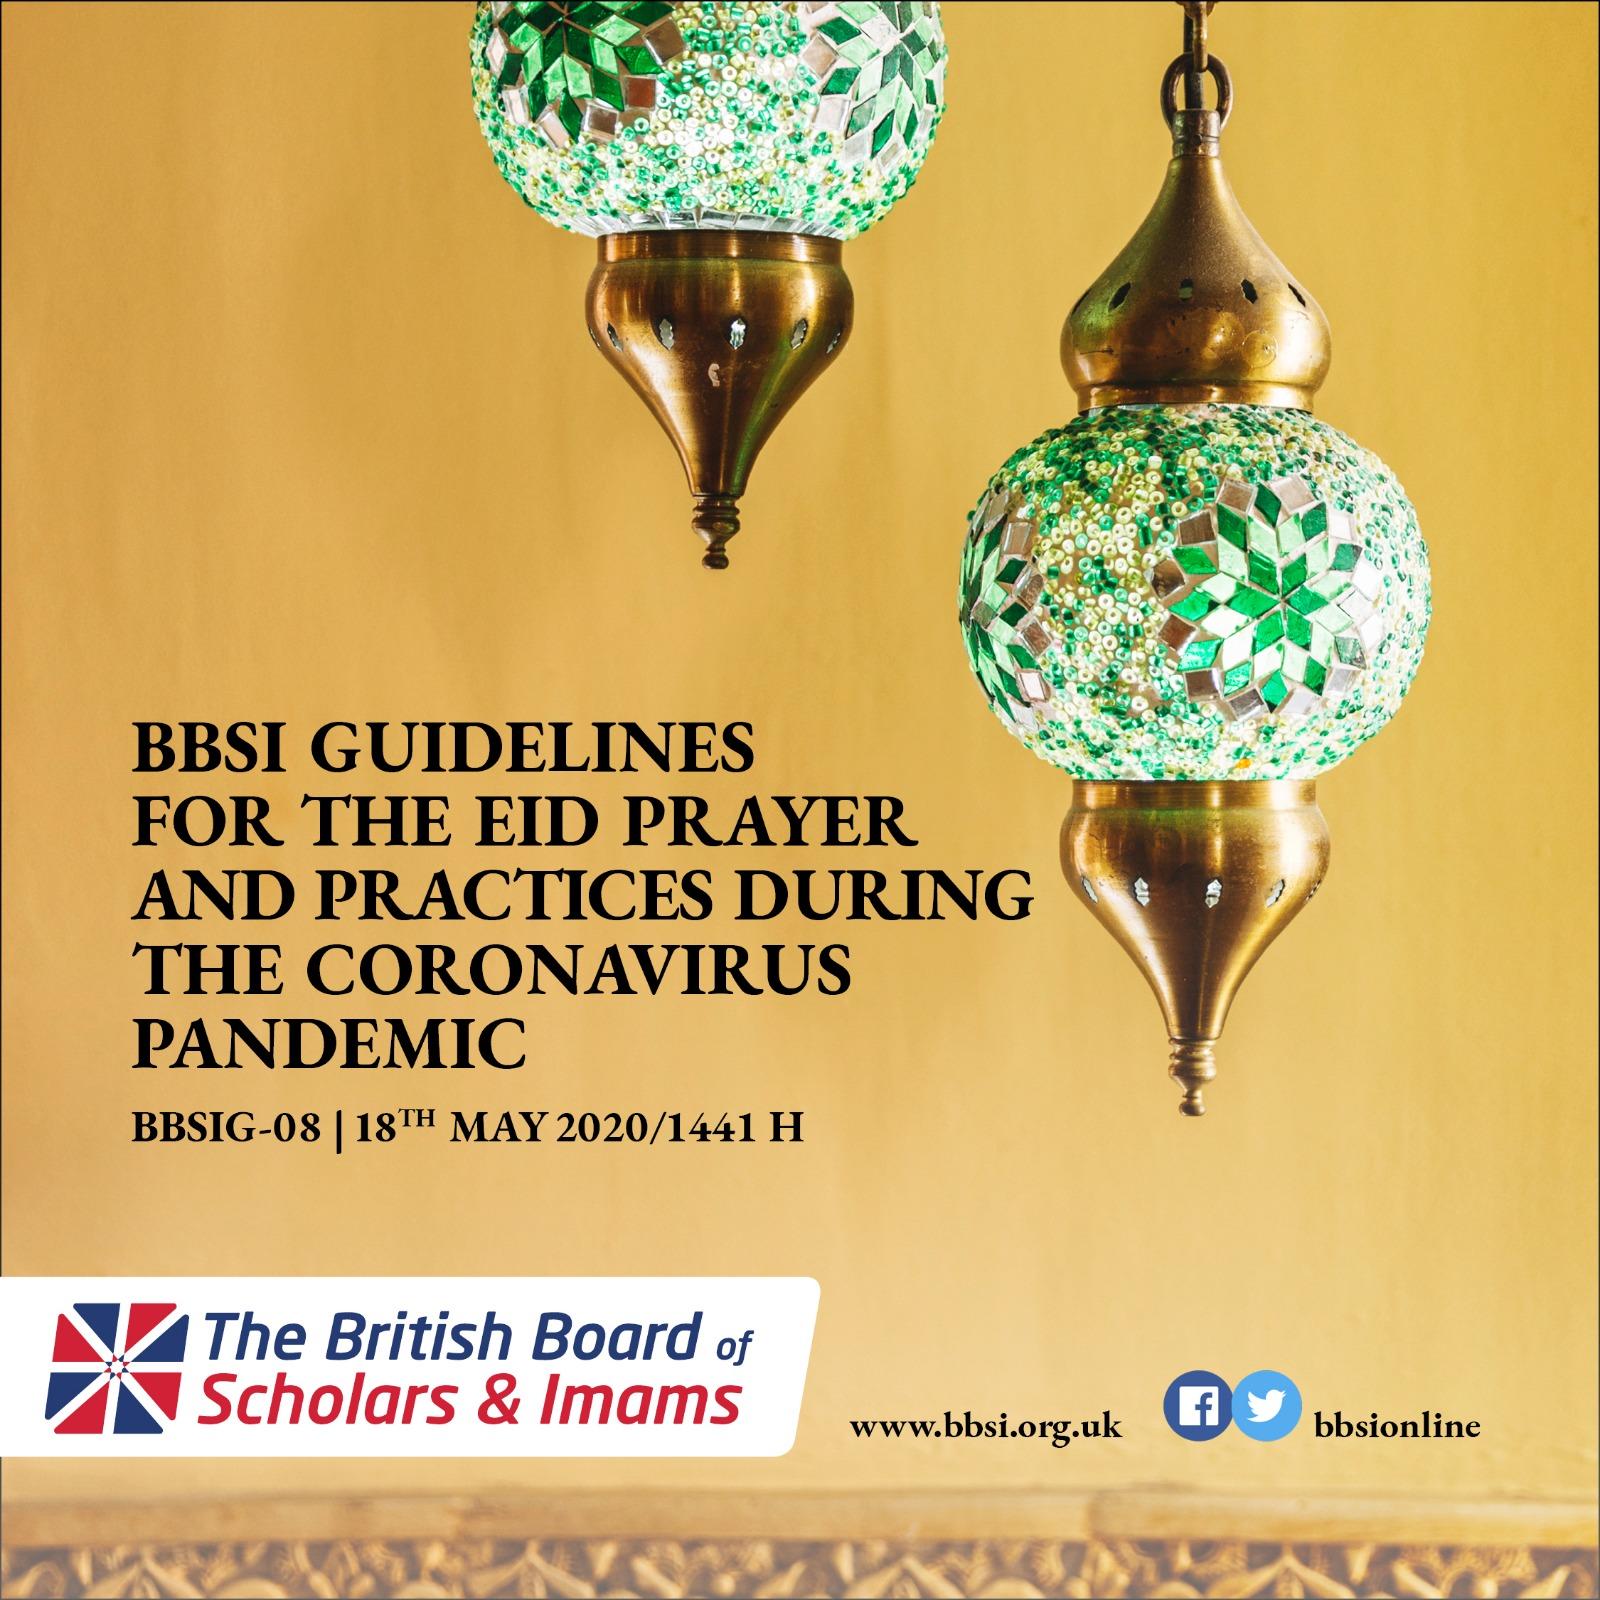 BBSI Guidelines for the Eid Prayer